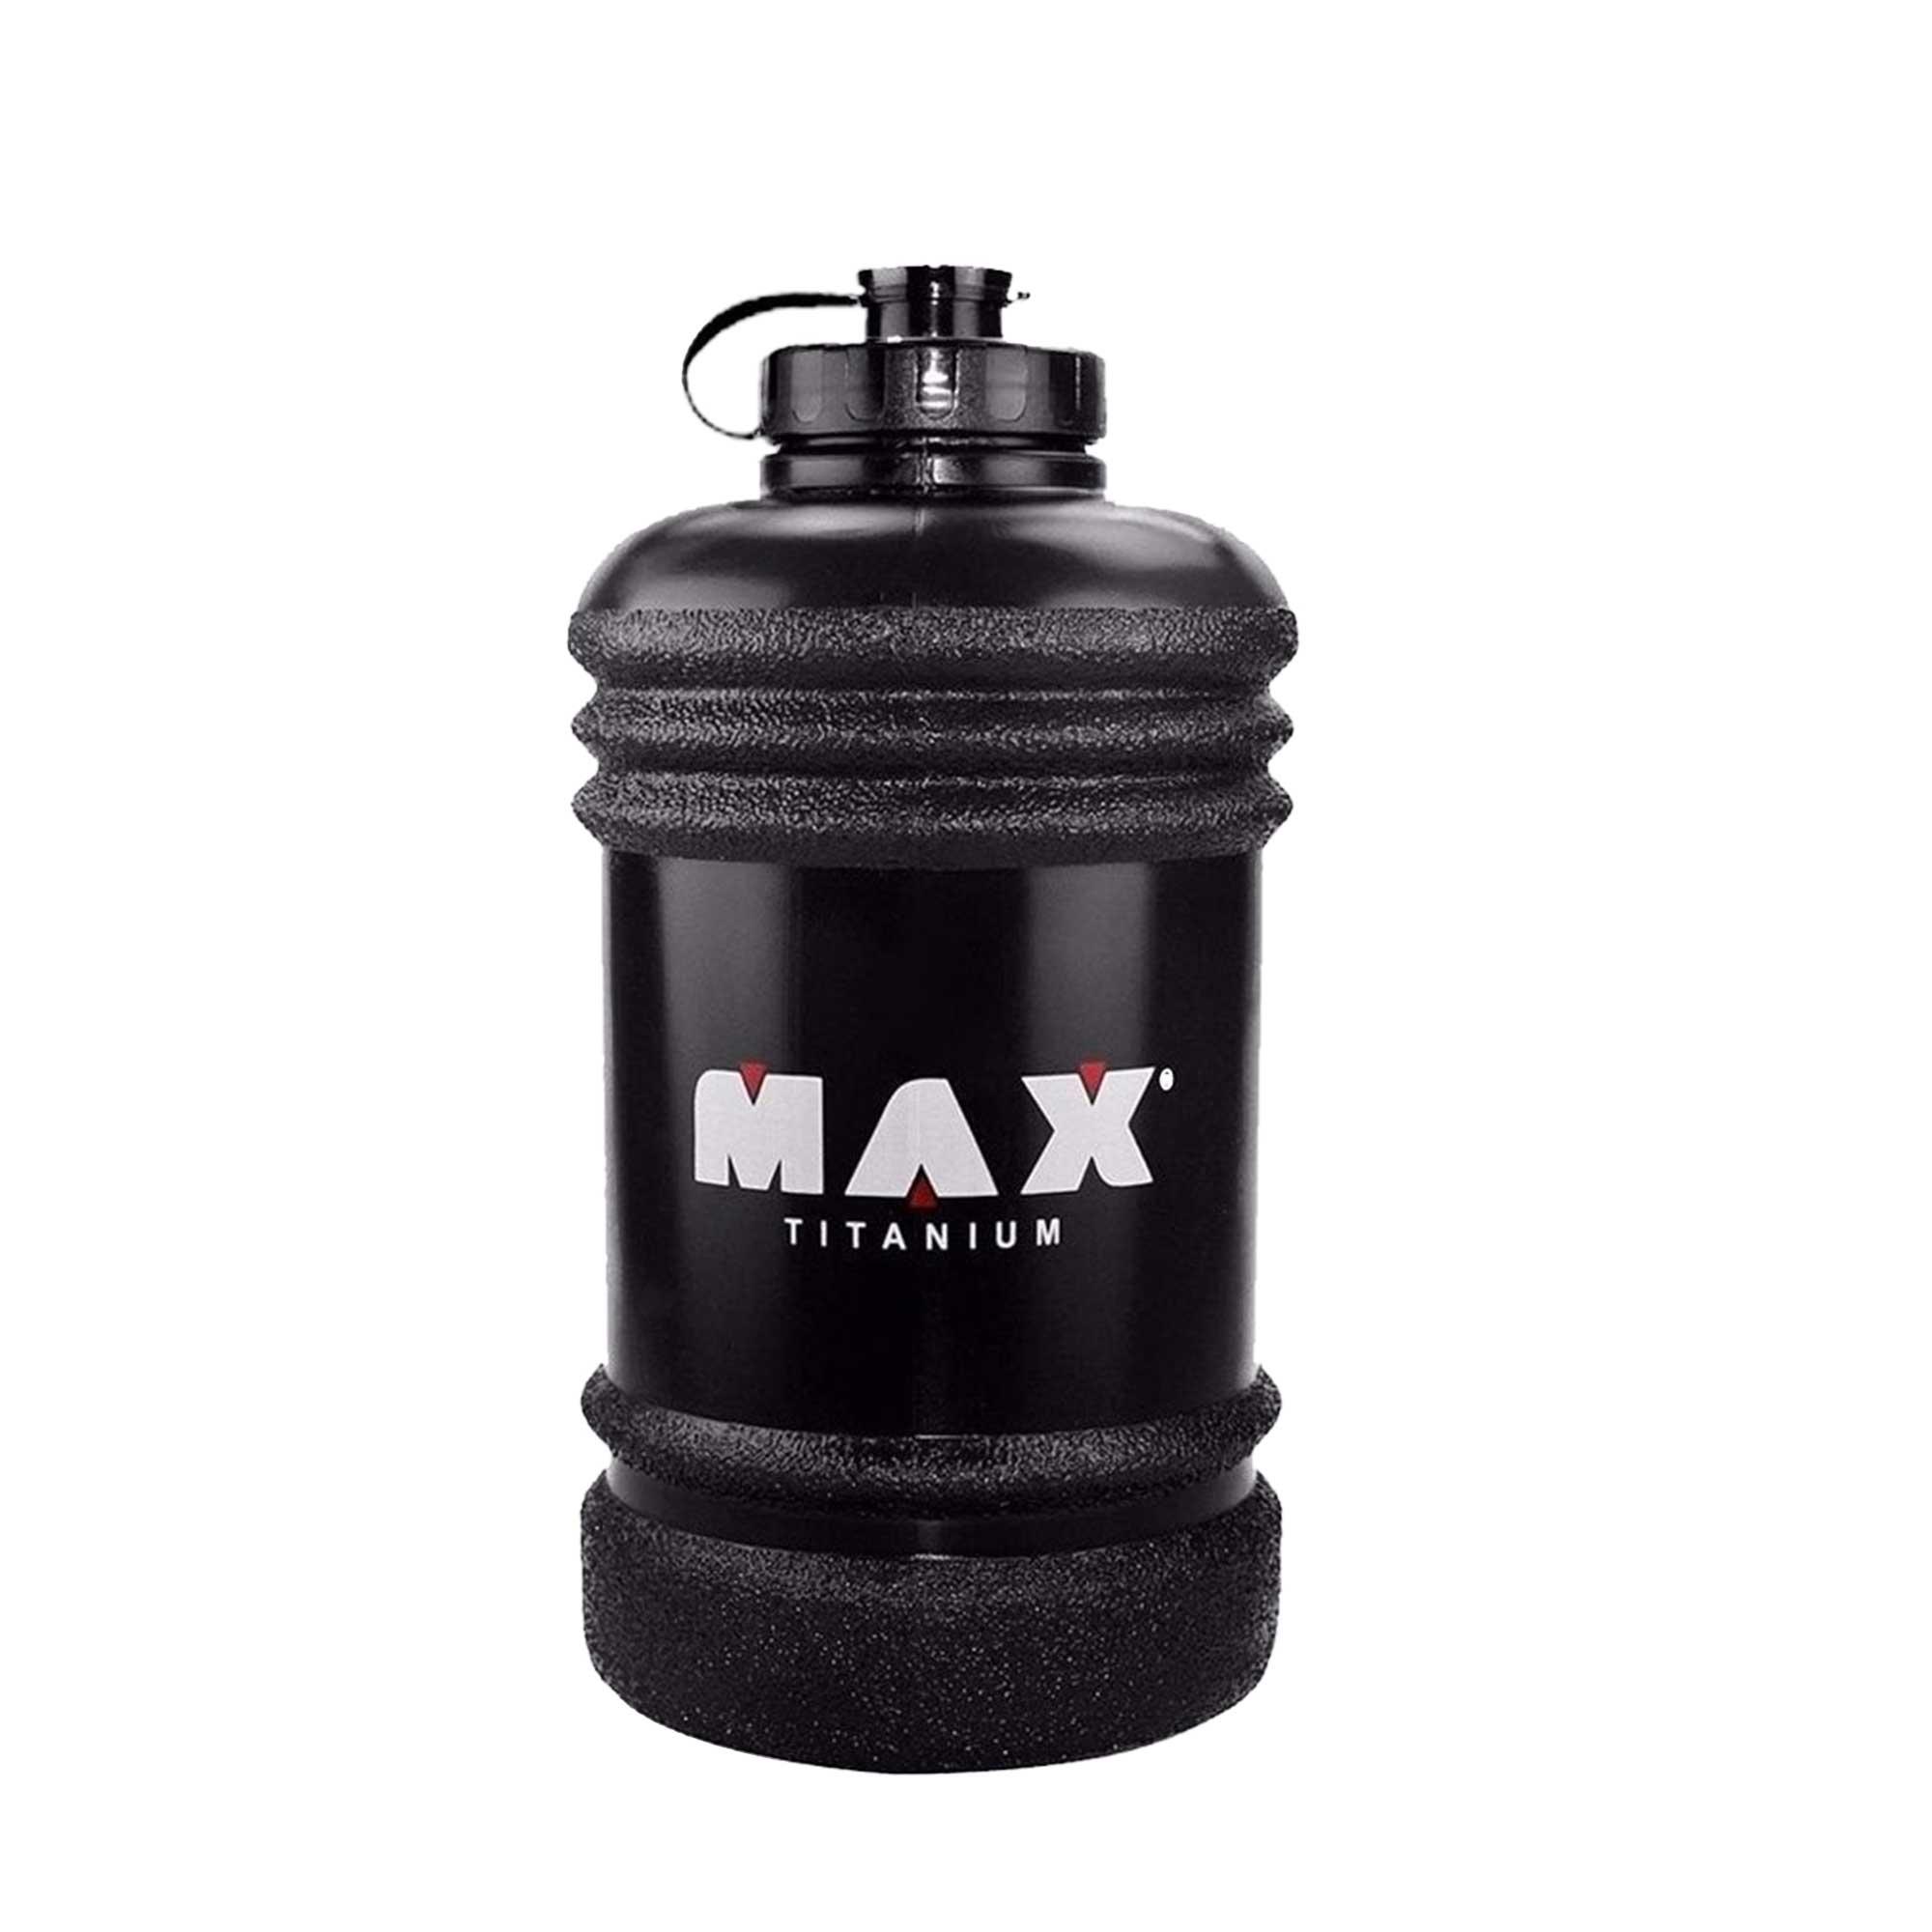 Galão Max Titanium 2,2L preto Max Titanium